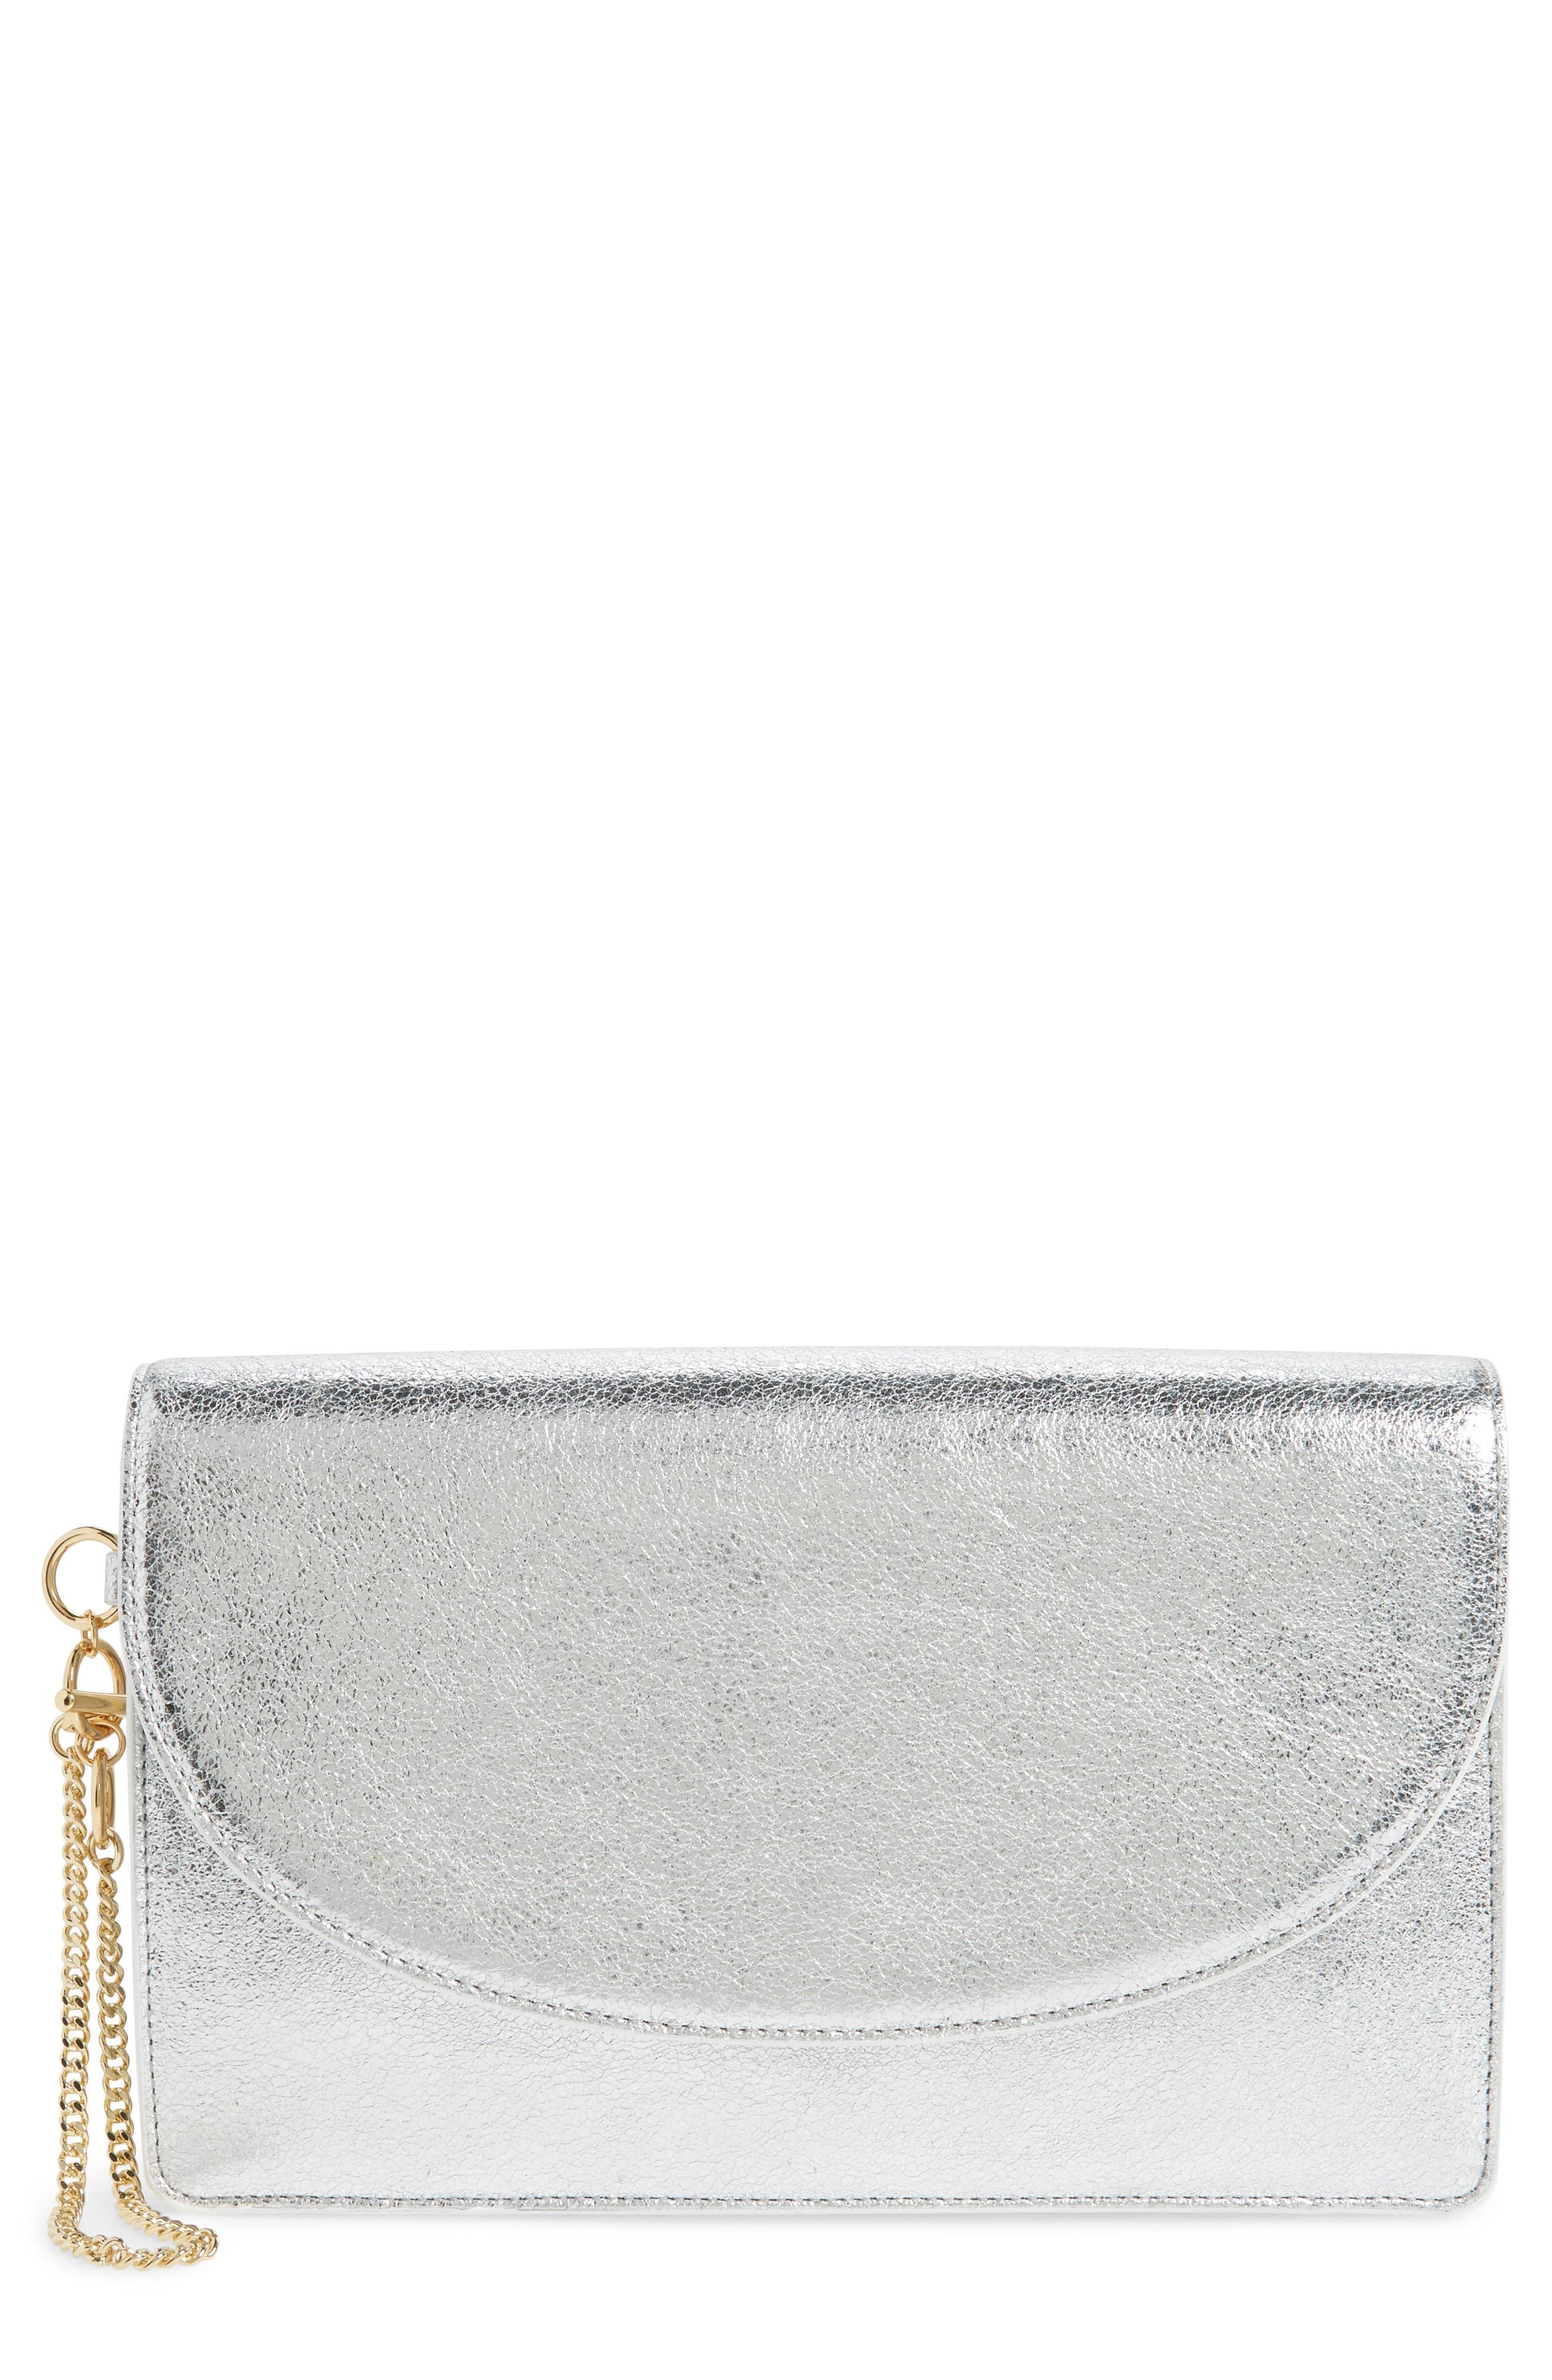 Diane von Furstenberg Saddle Leather Clutch